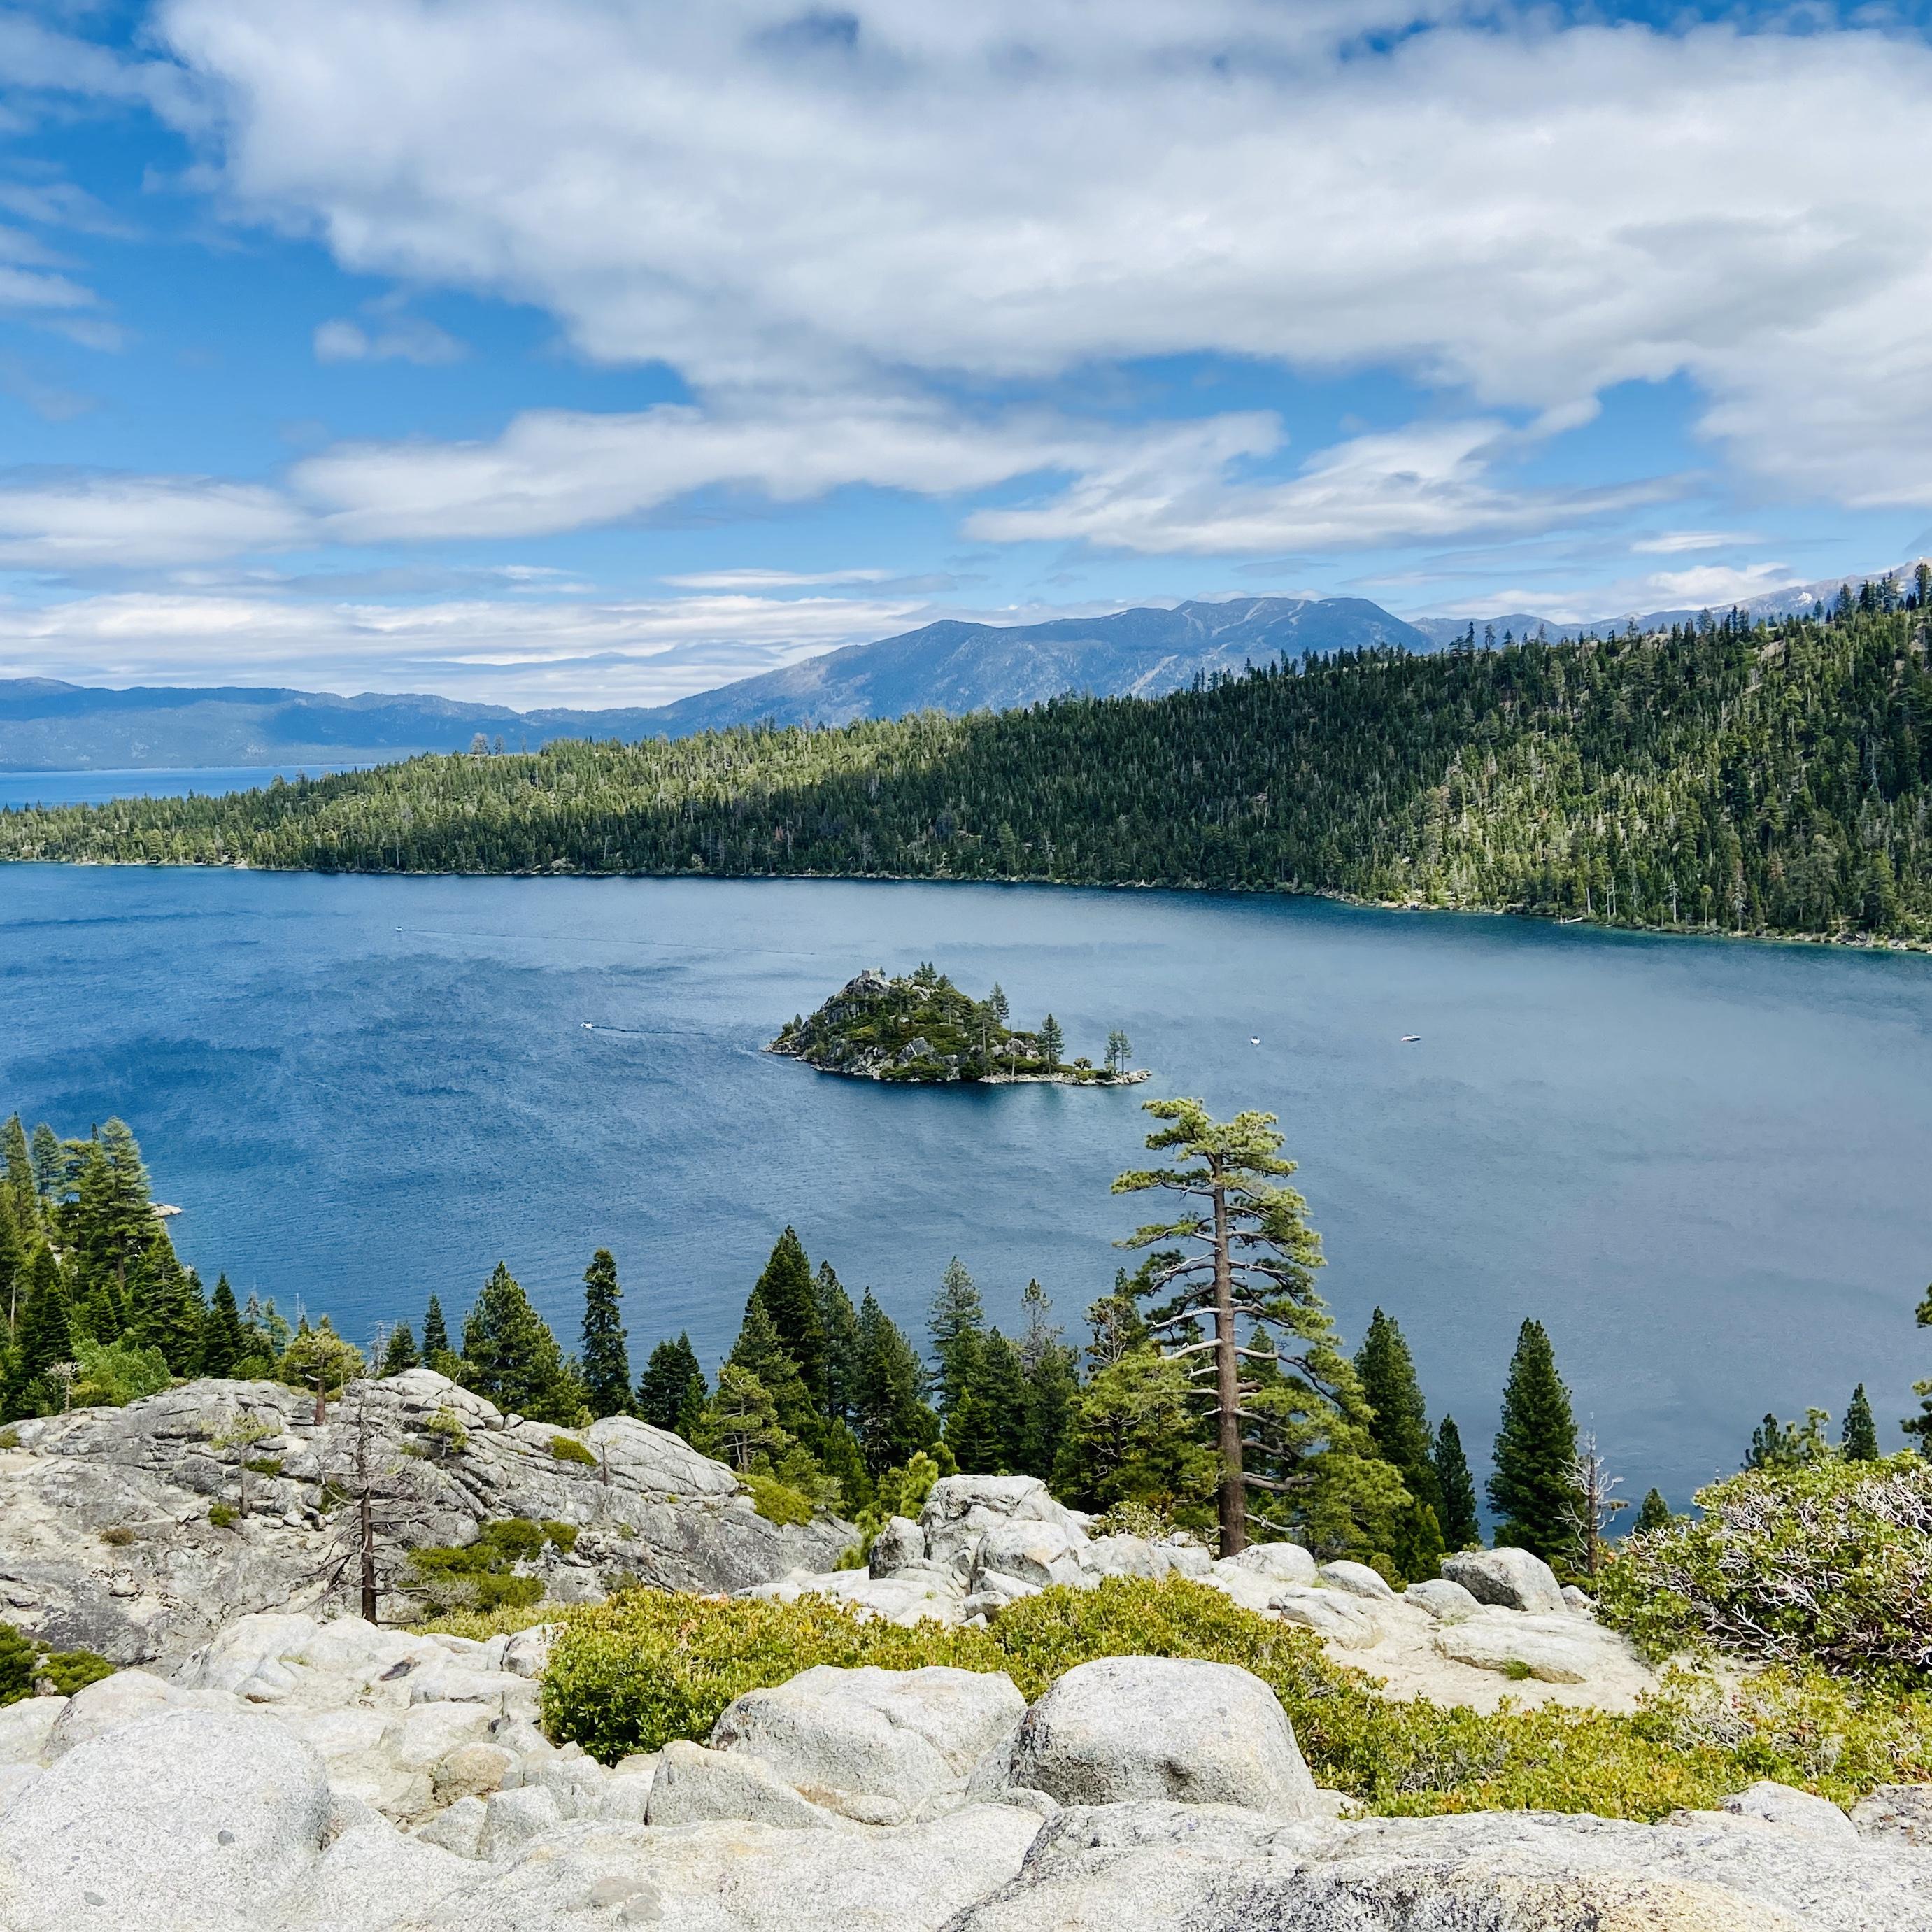 Top of Emerald Bay, Tahoe